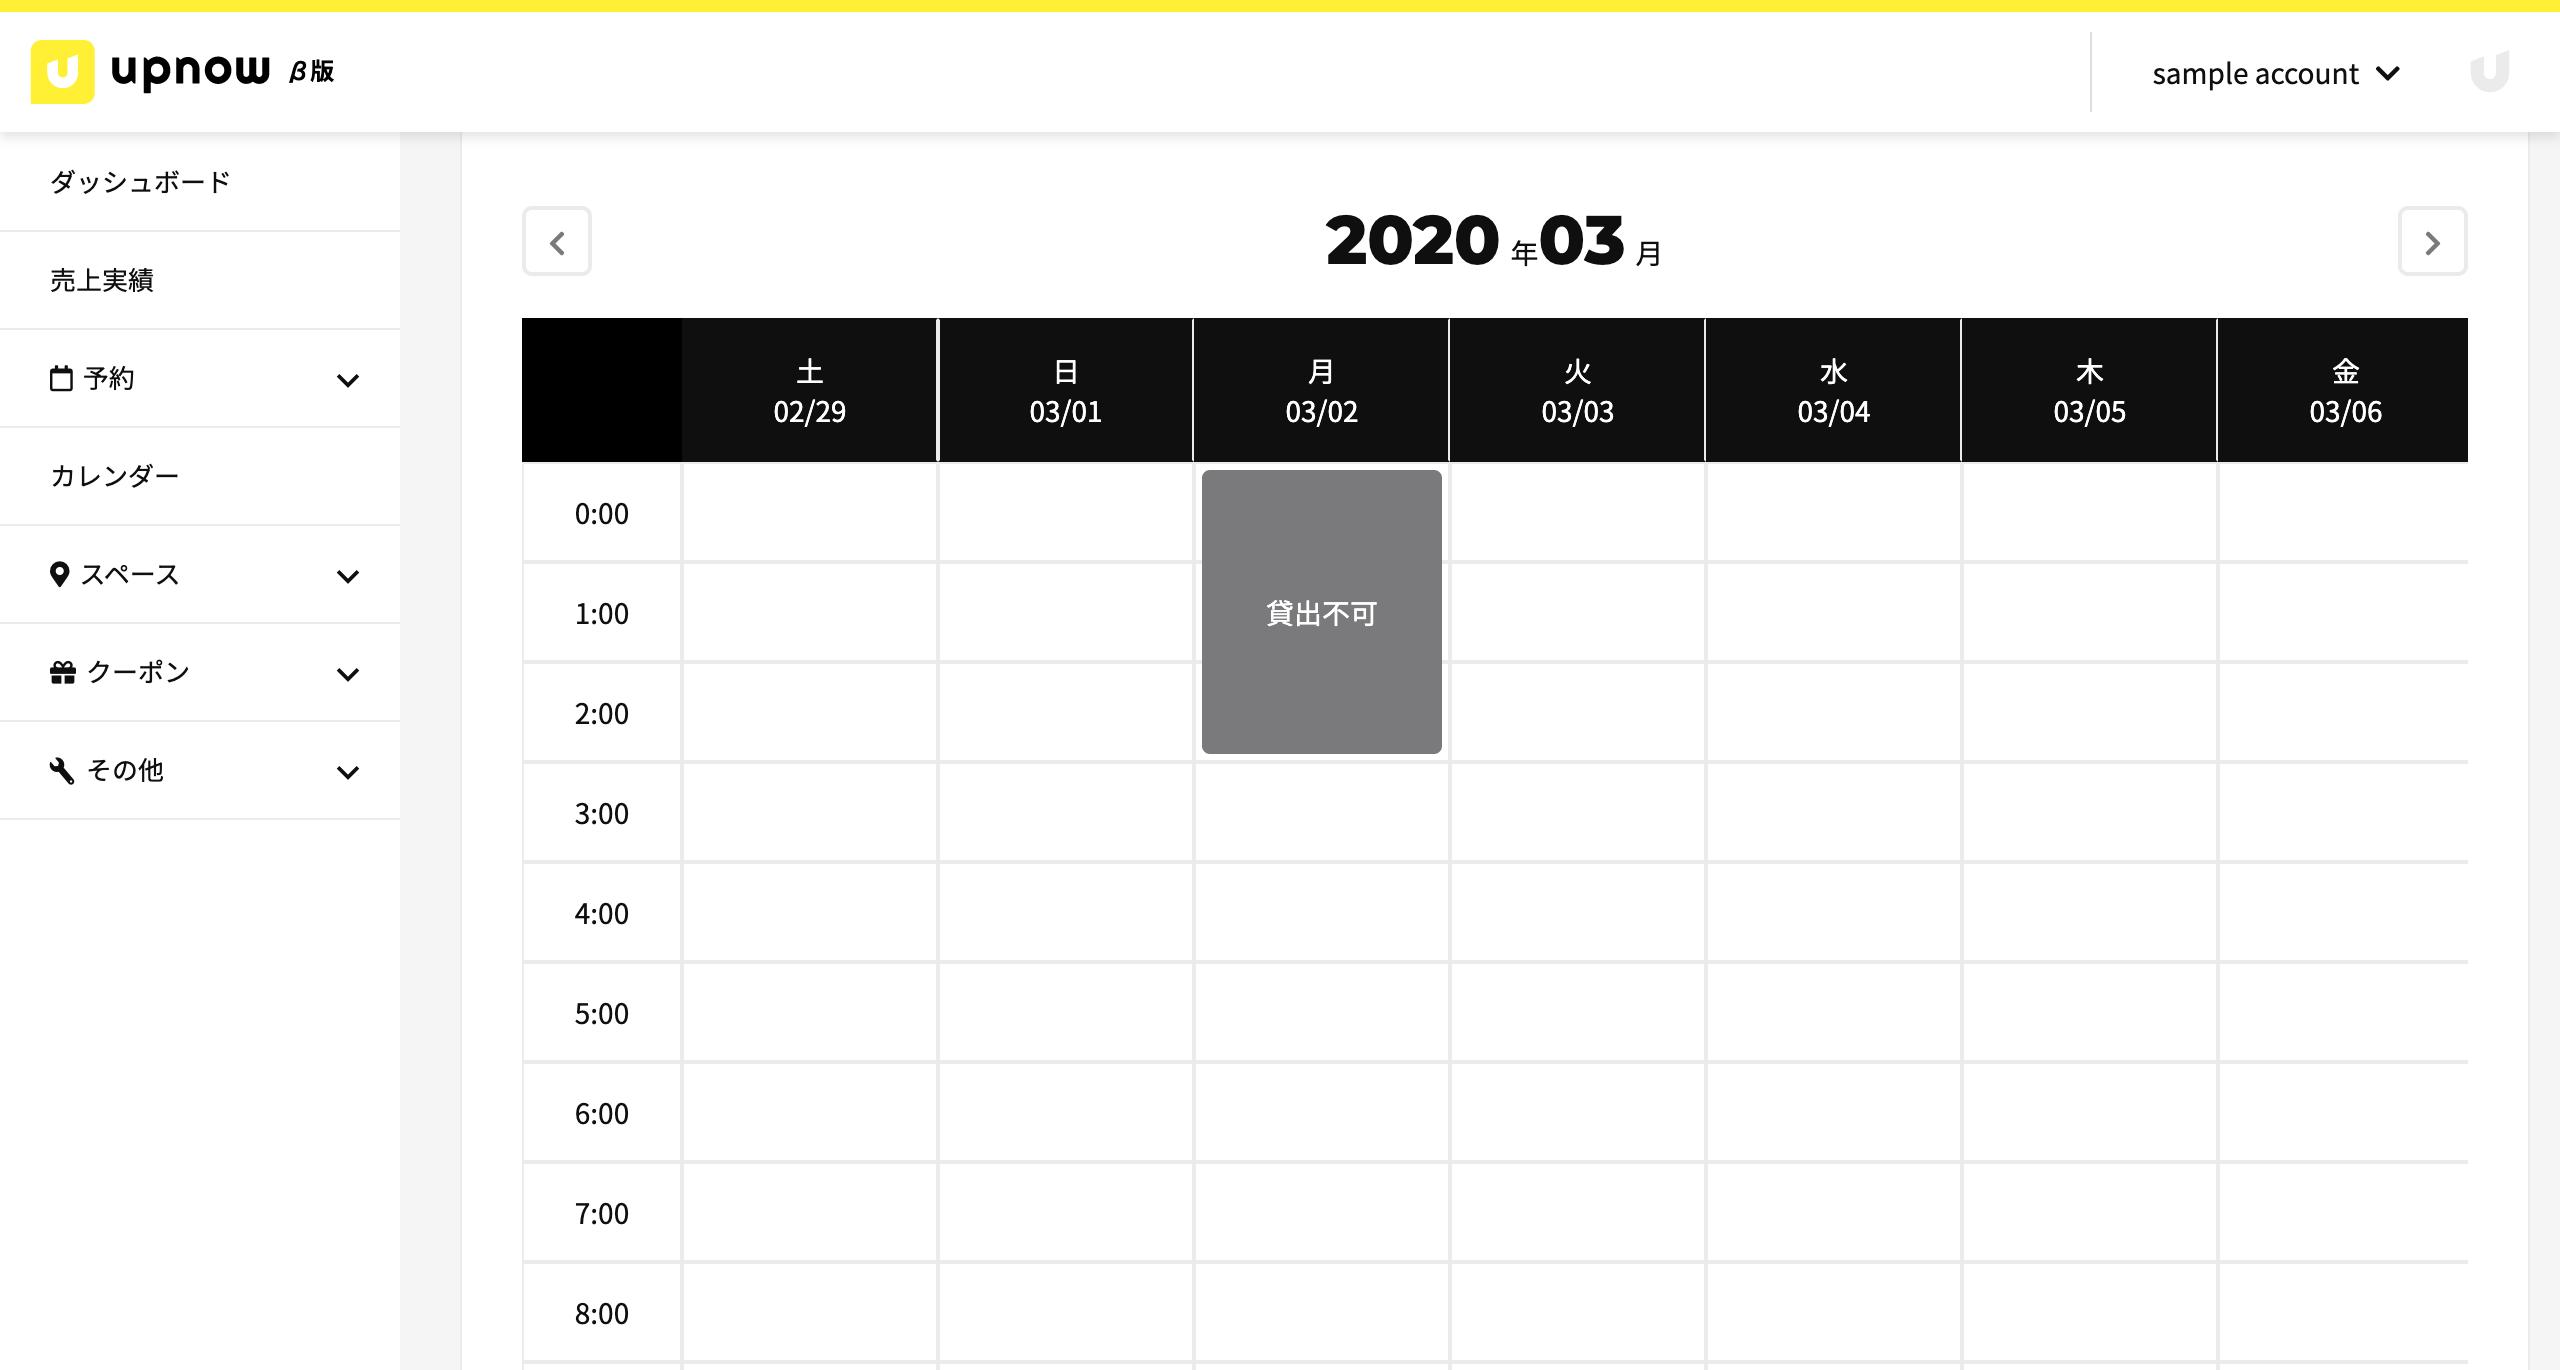 スクリーンショット 2020-01-10 15.39.55.png